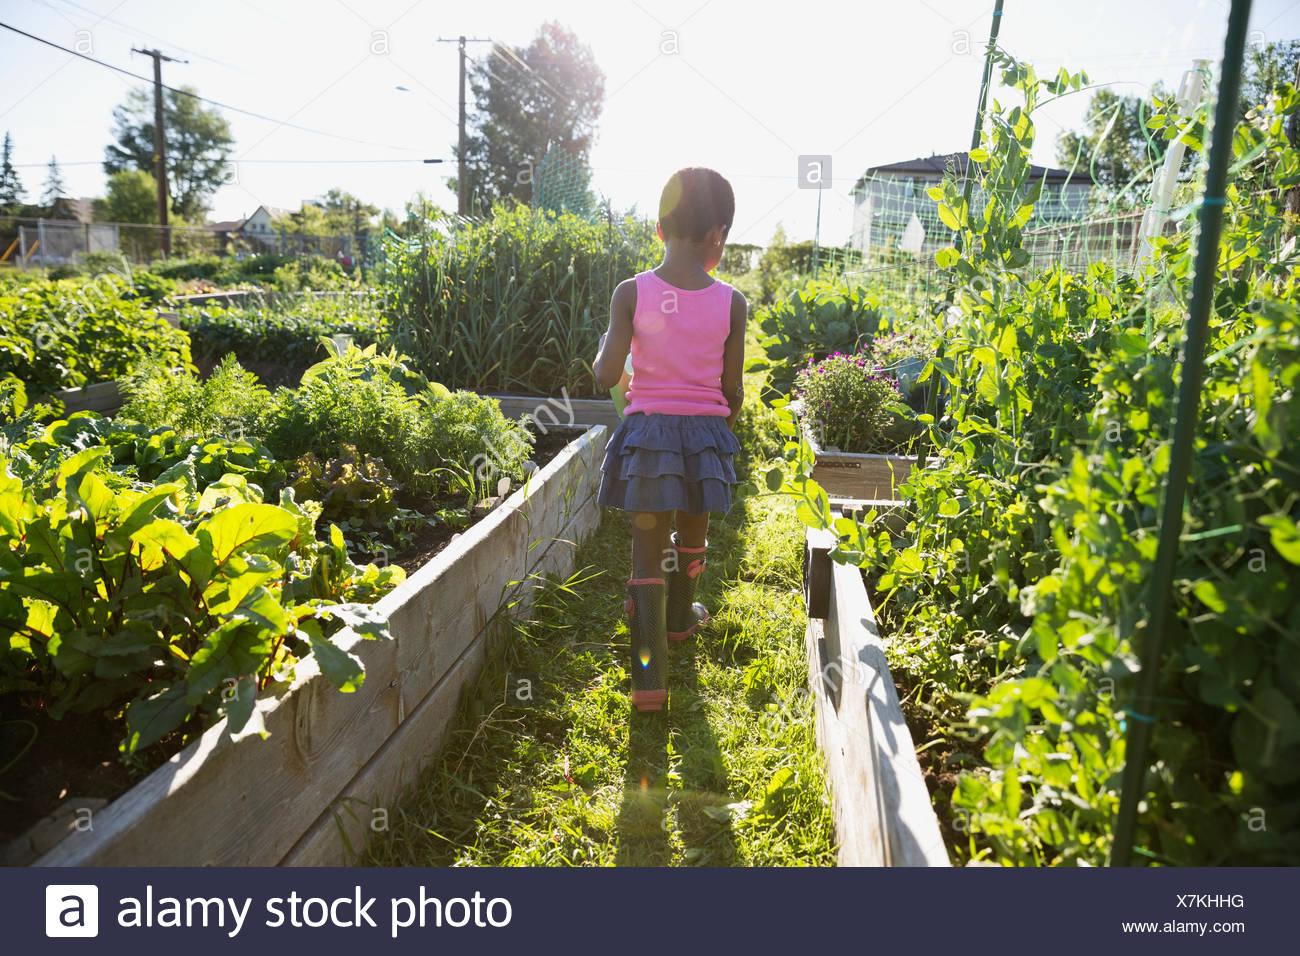 Chica caminando en el soleado jardín de vegetales Imagen De Stock